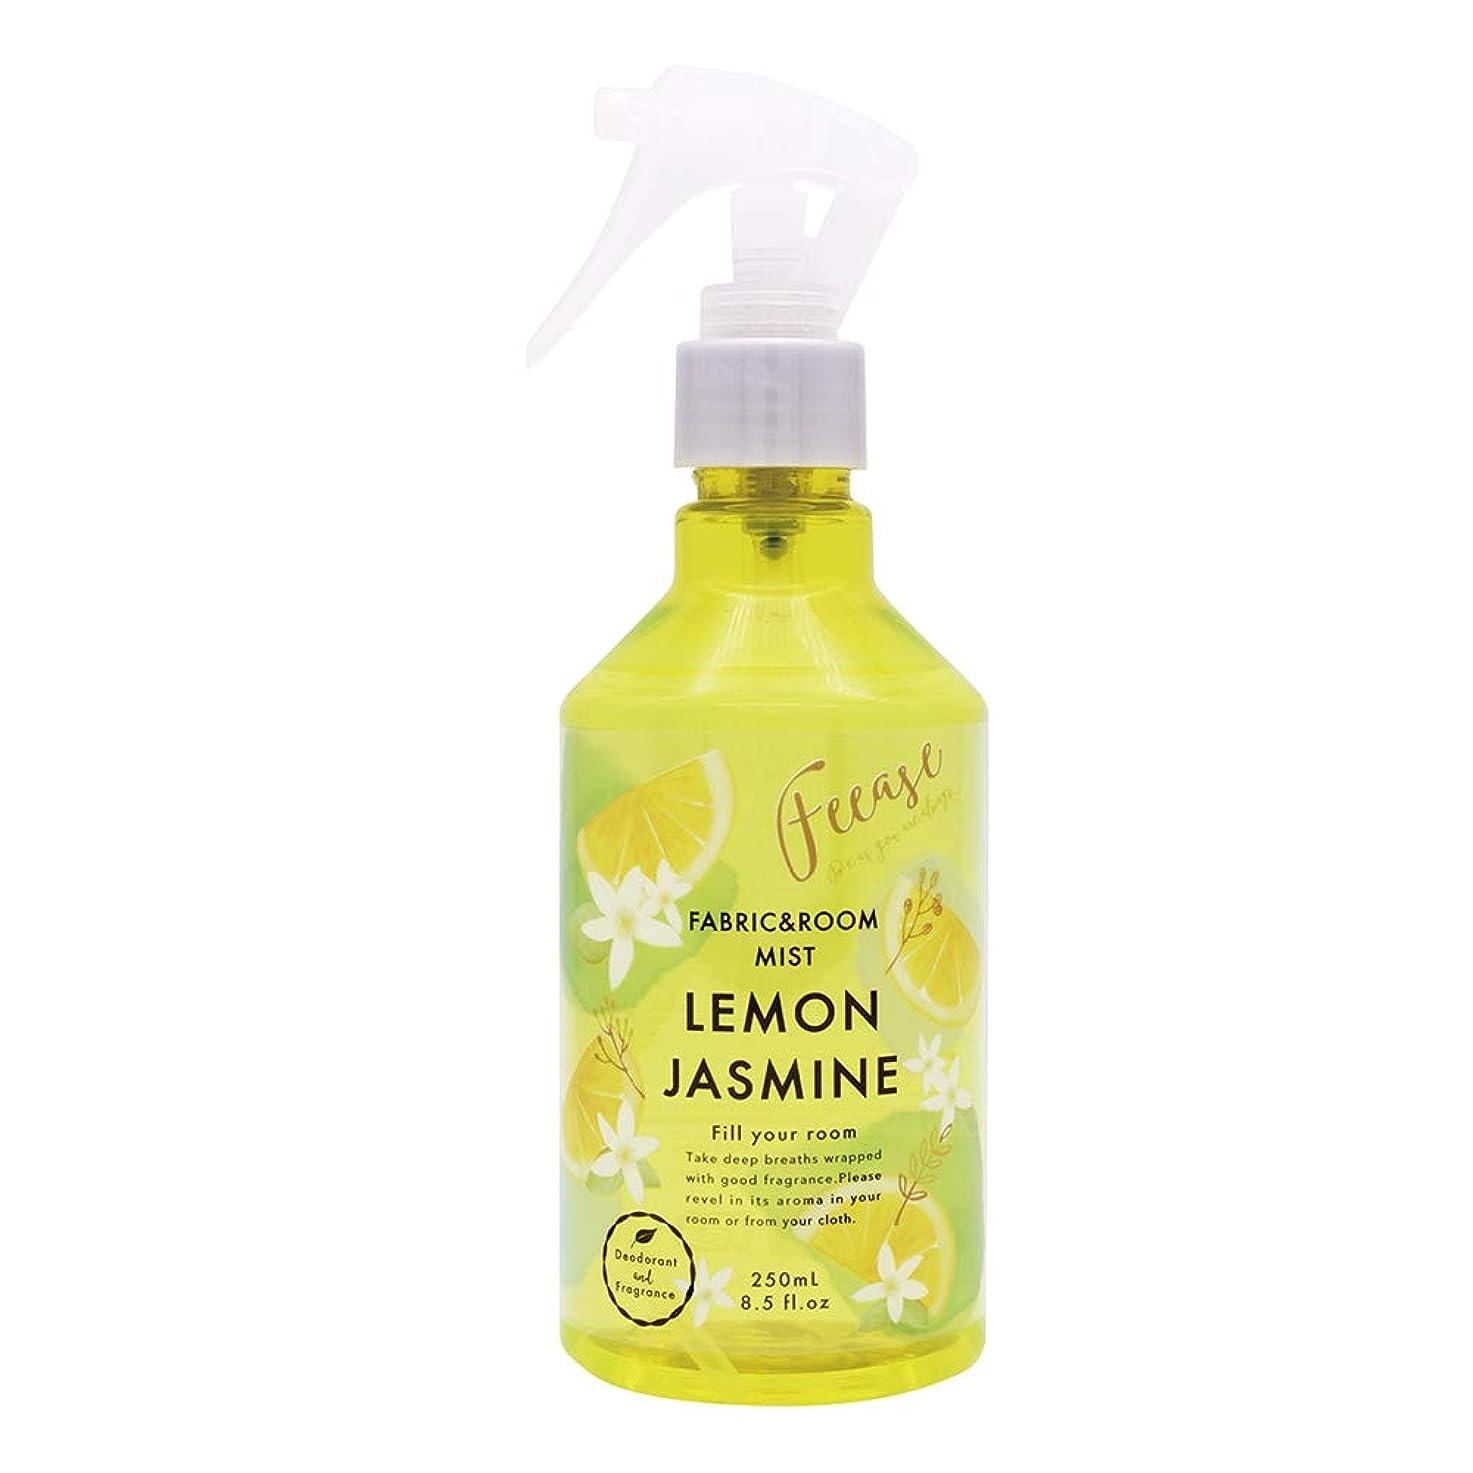 広げる収益透過性ノルコーポレーション ルーム&ファブリックミスト フィース 消臭成分配合 レモンジャスミンの香り 250ml OA-FEE-1-3